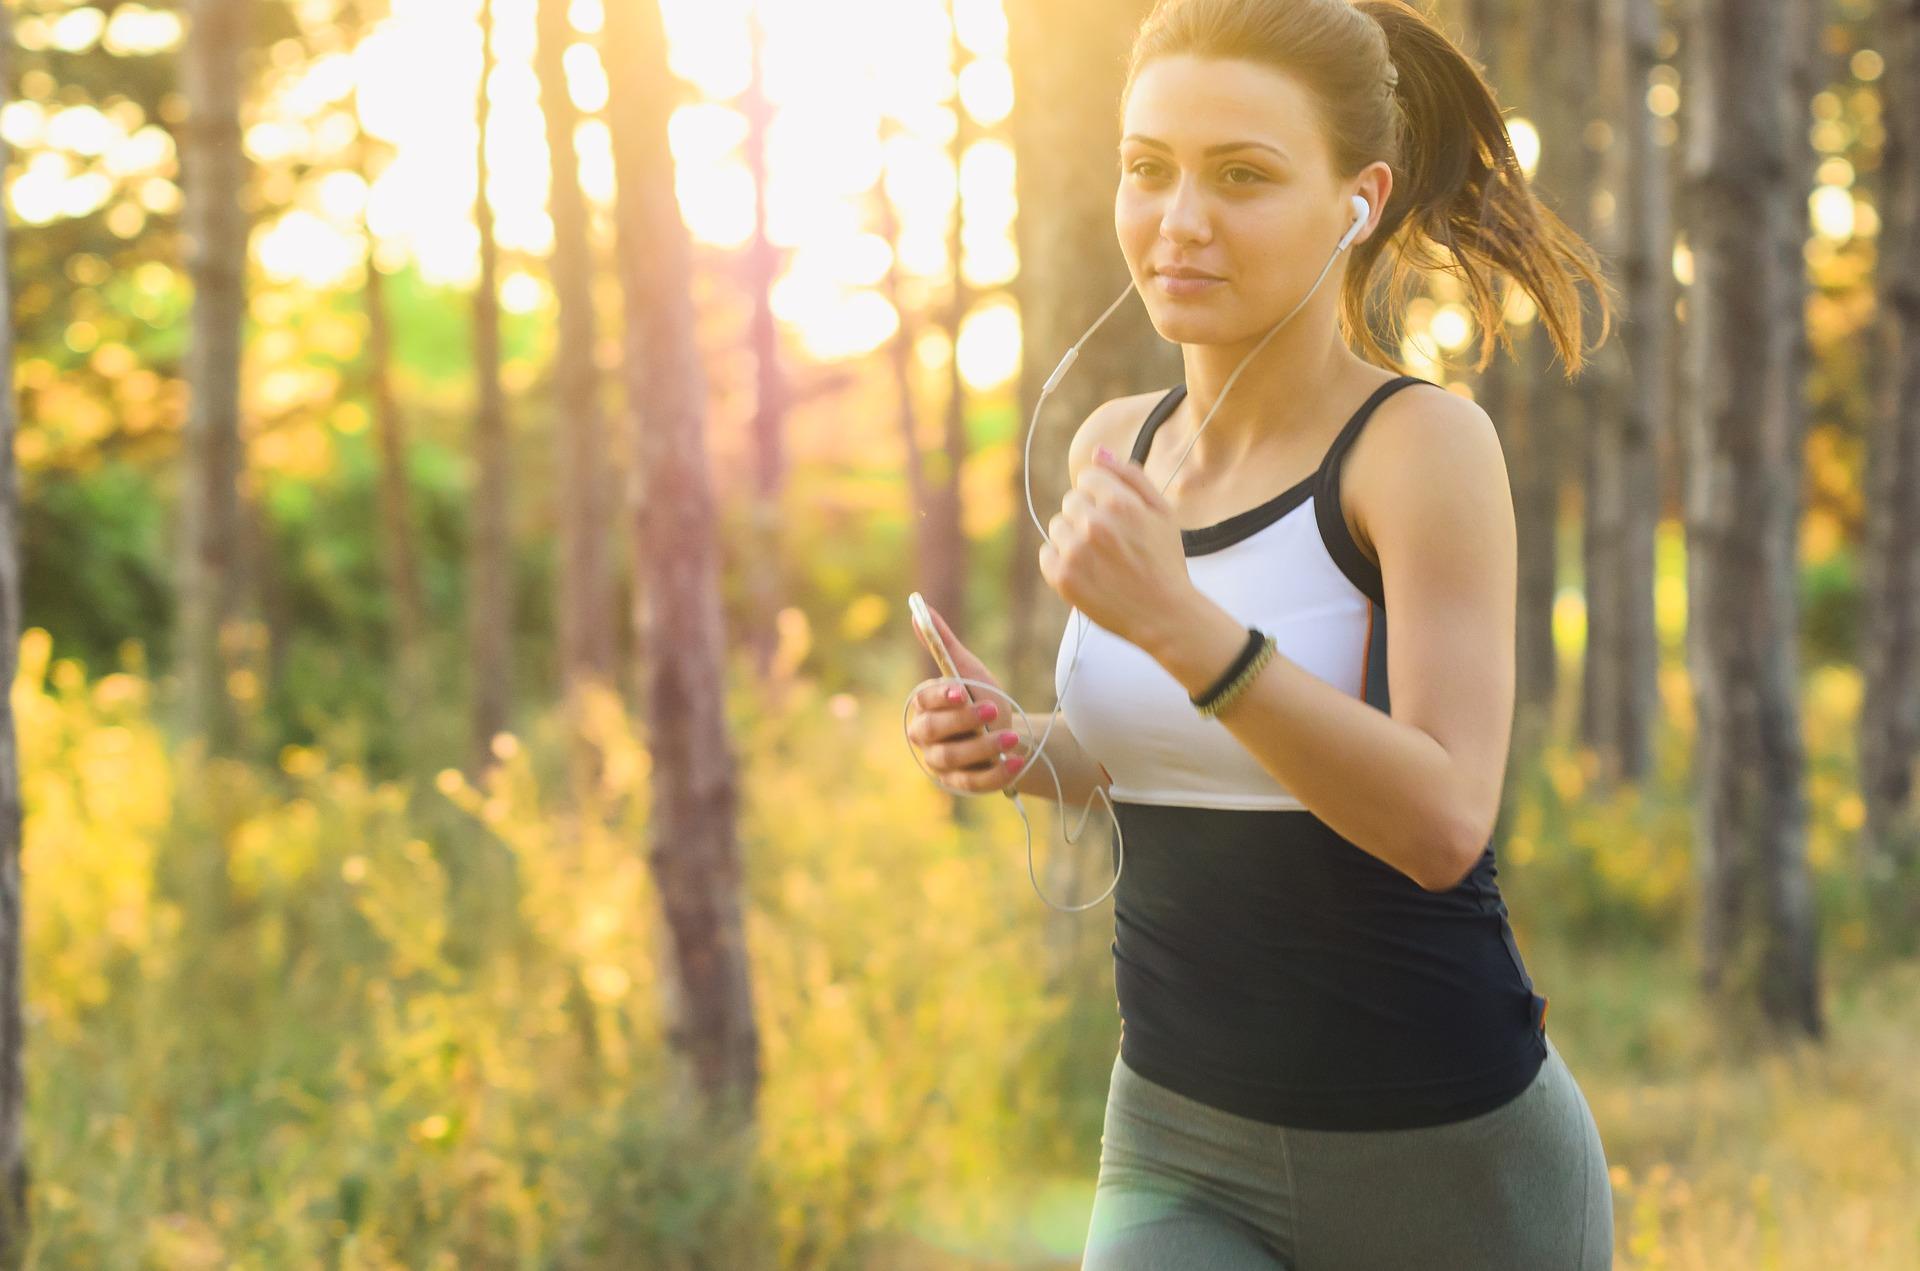 Кога е най-подходящото време да тренираме според фитнес инструкторите?